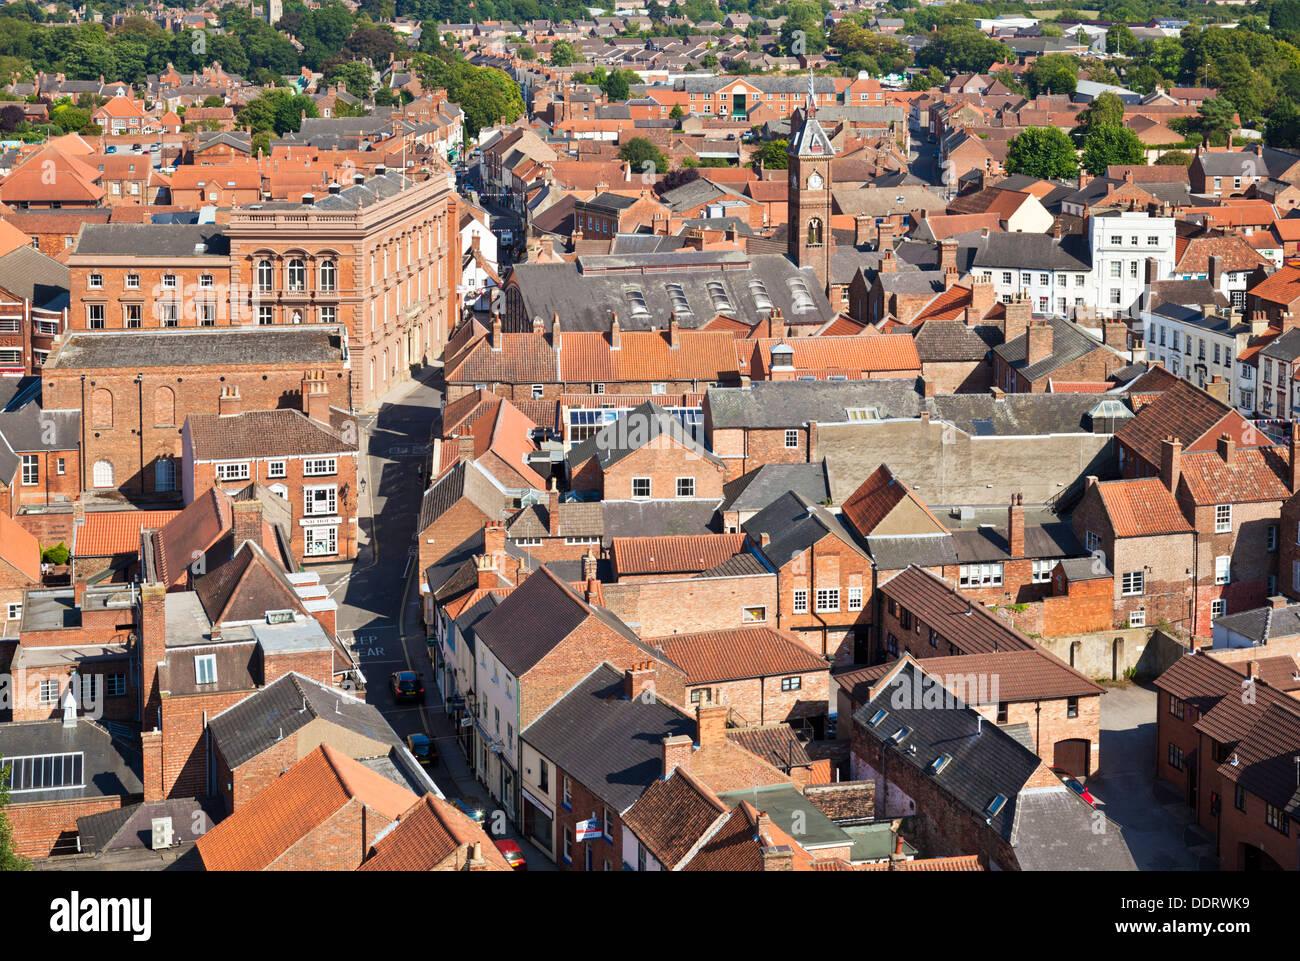 Luftaufnahme der Häuser und Straßen von der kleinen Stadt von Louth Lincolnshire England UK GB EU Europa Stockbild